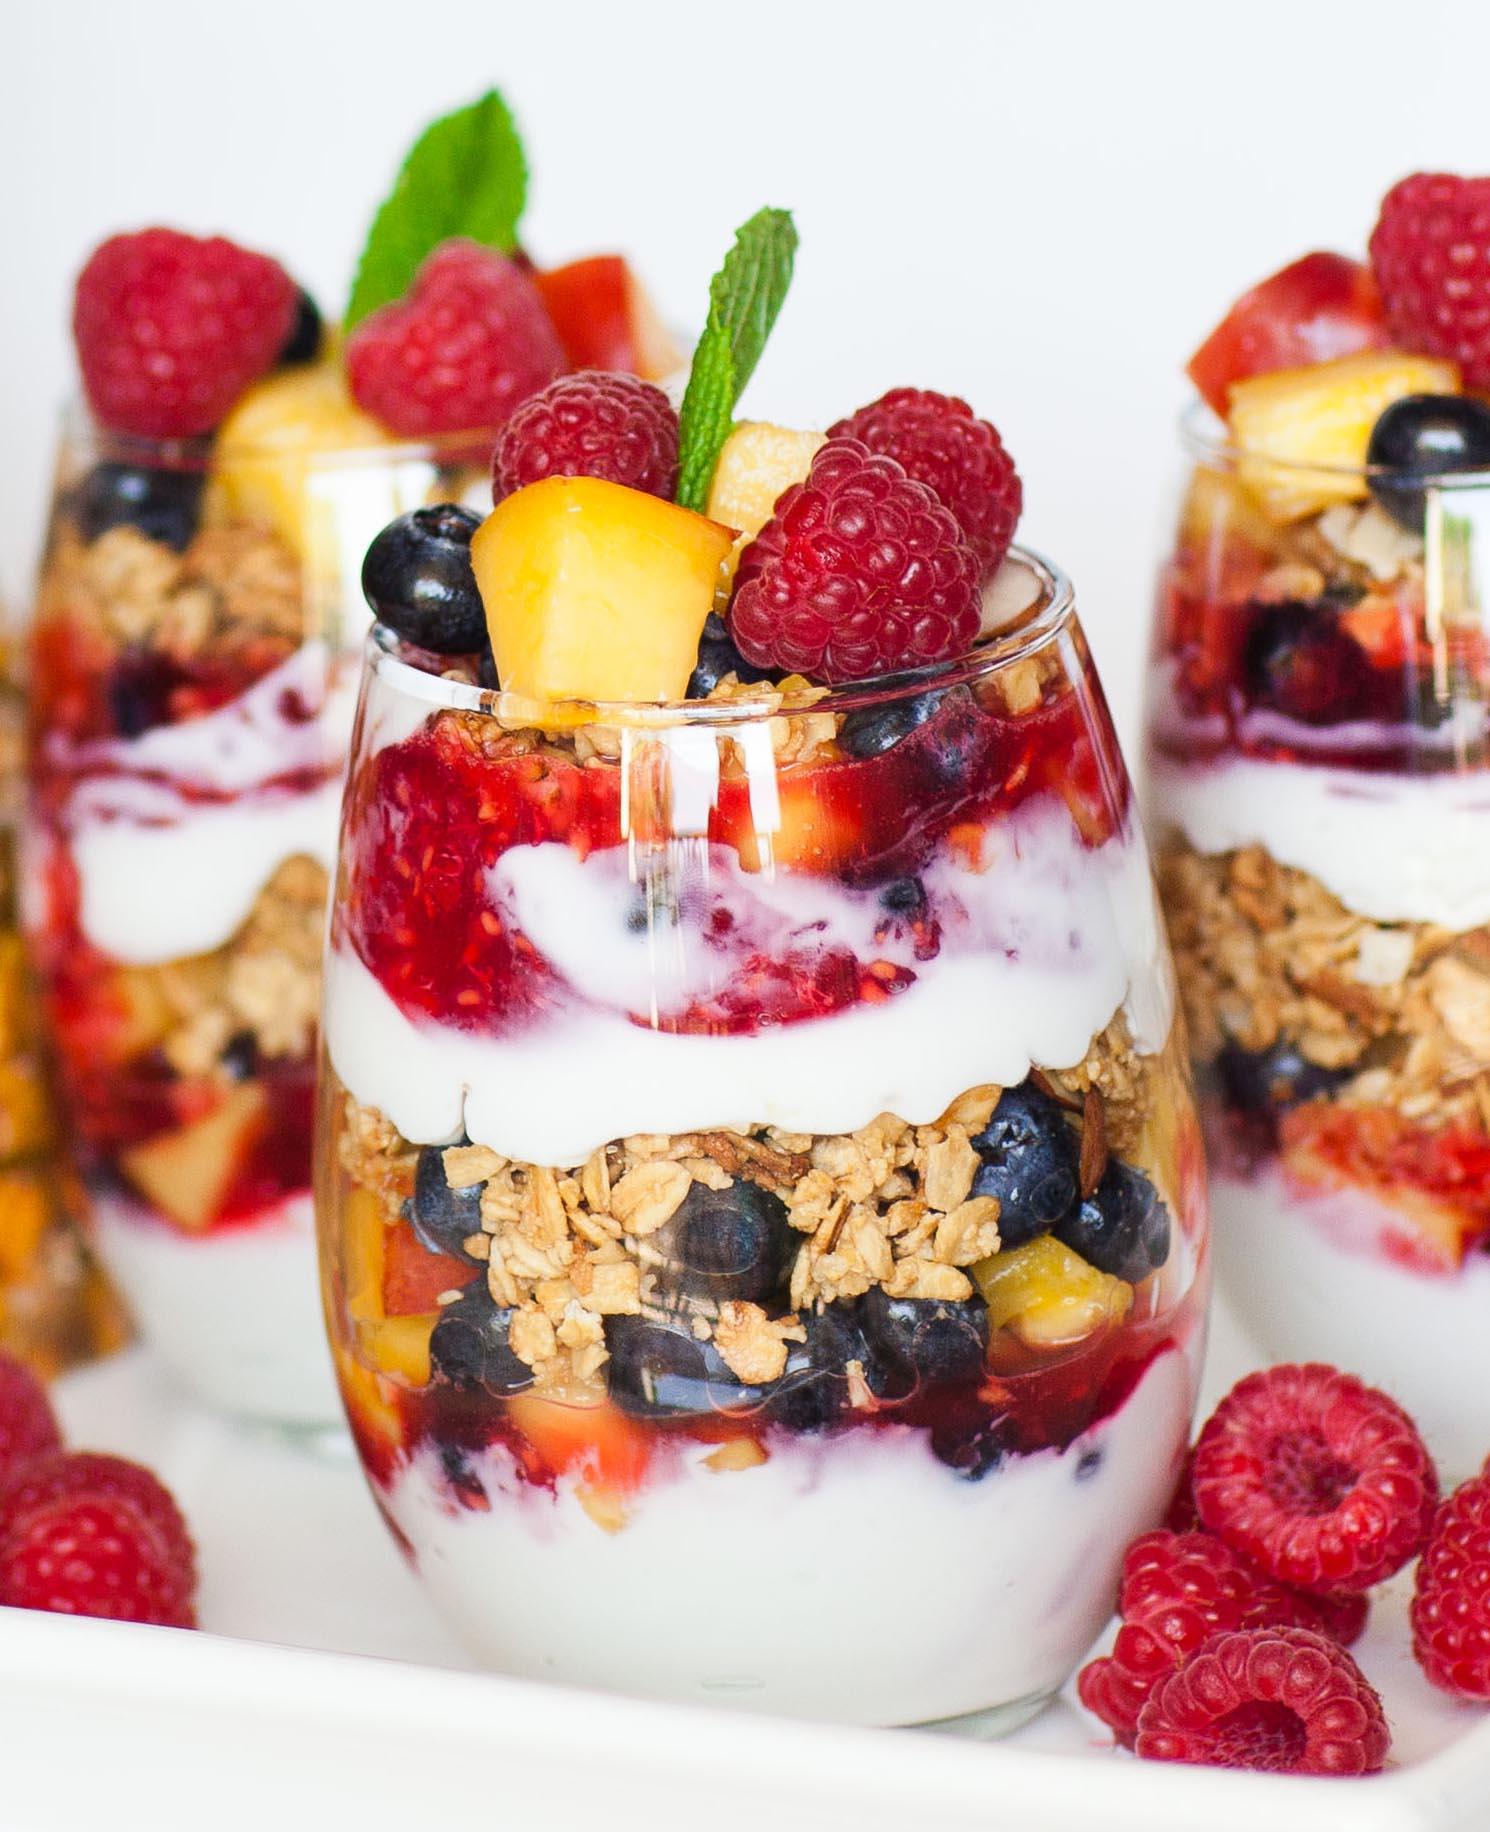 Copo de salada de frutas (Foto: Reprodução Tatyanas Everyday Food)